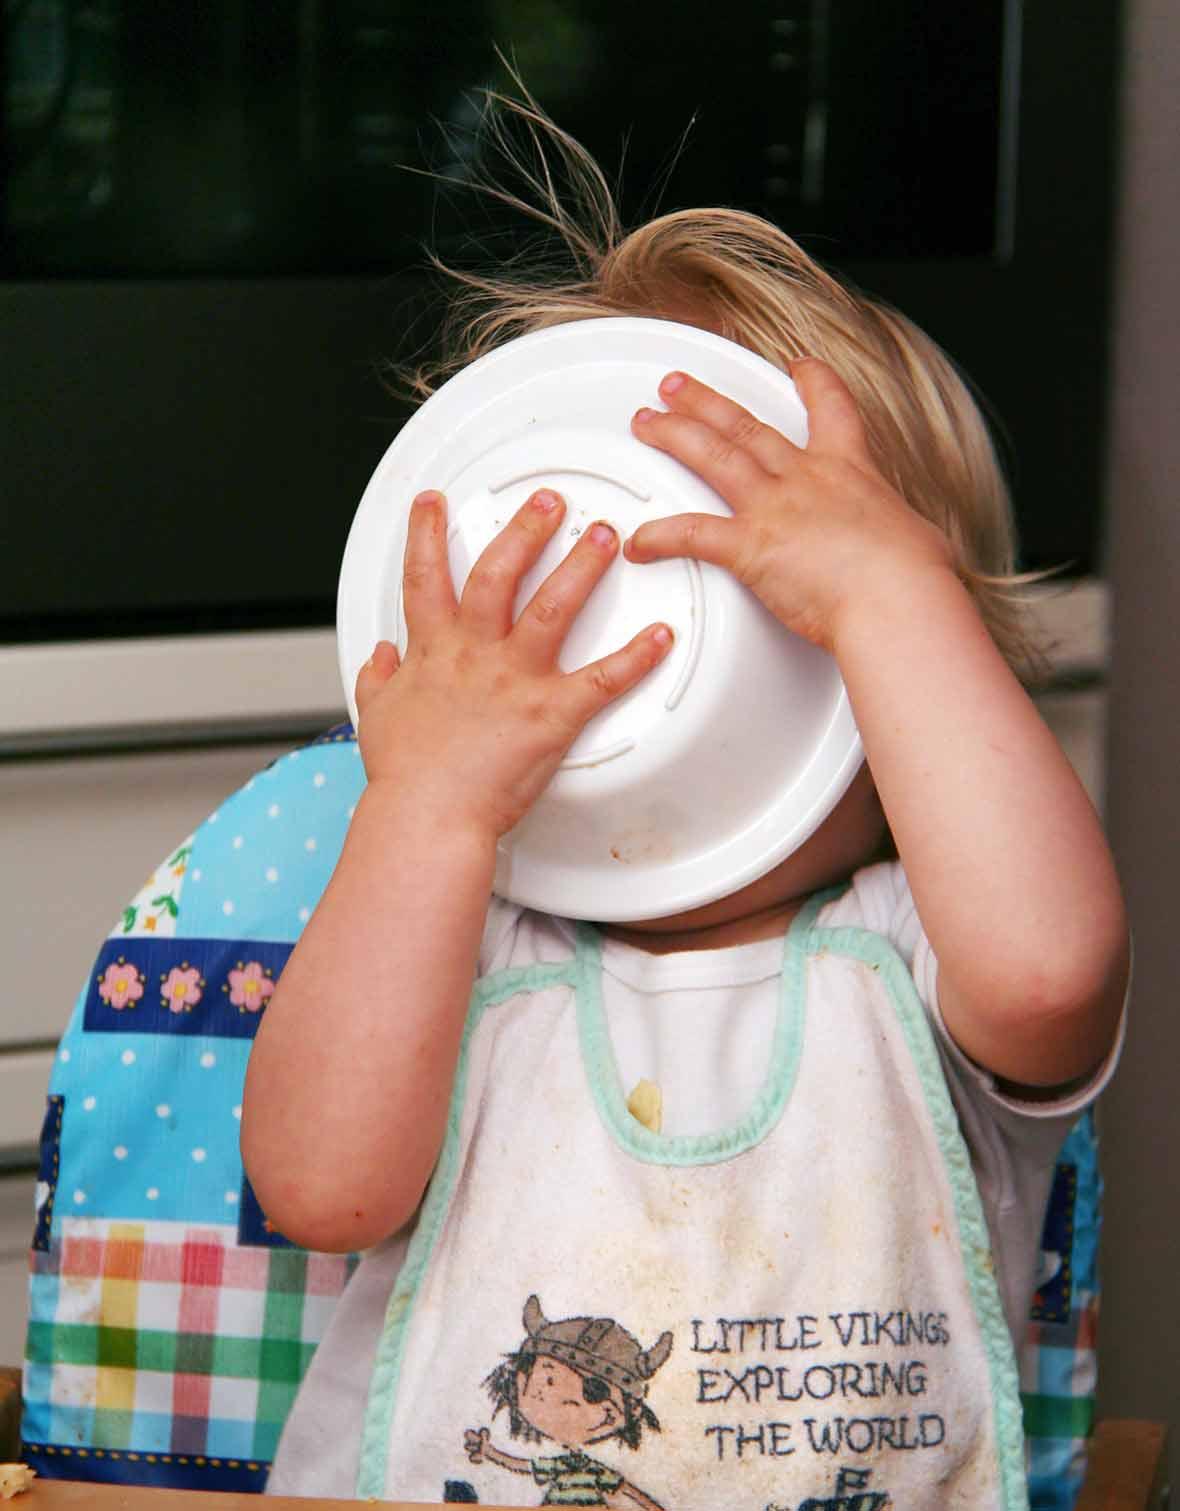 A kid in a high chair licking a bowl clean